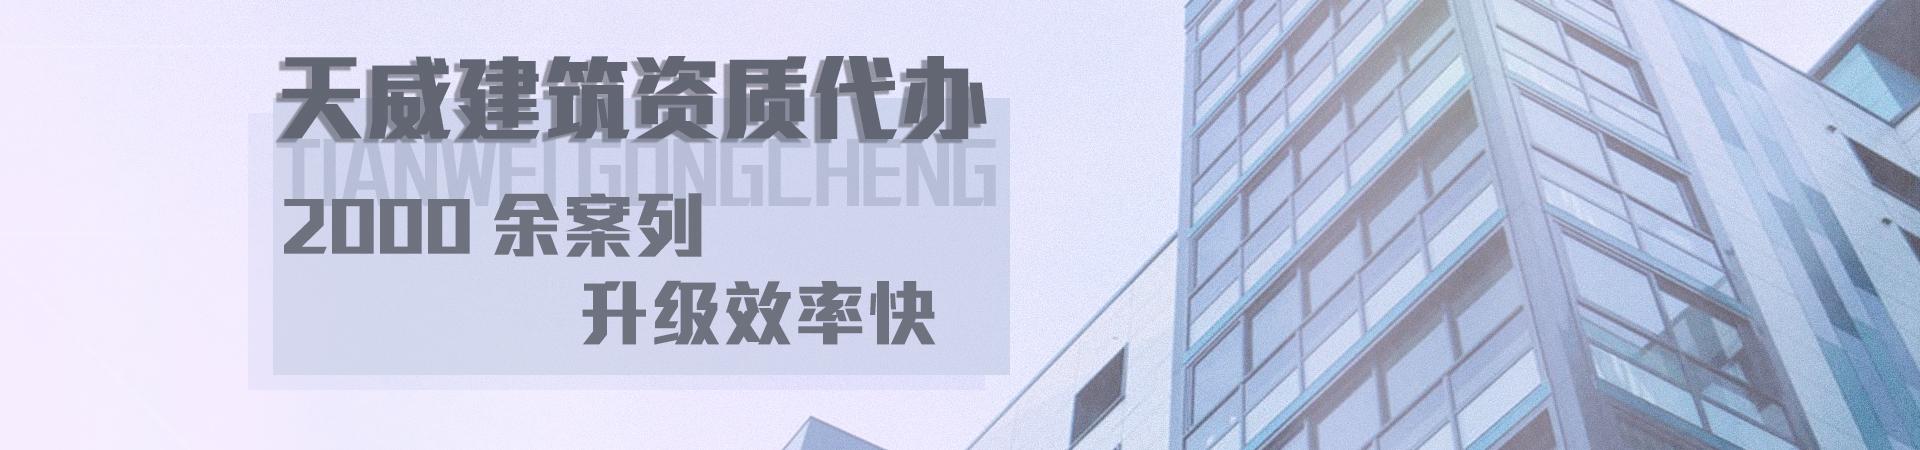 http://www.jstwdz.cn/data/upload/202010/20201029175552_569.jpg